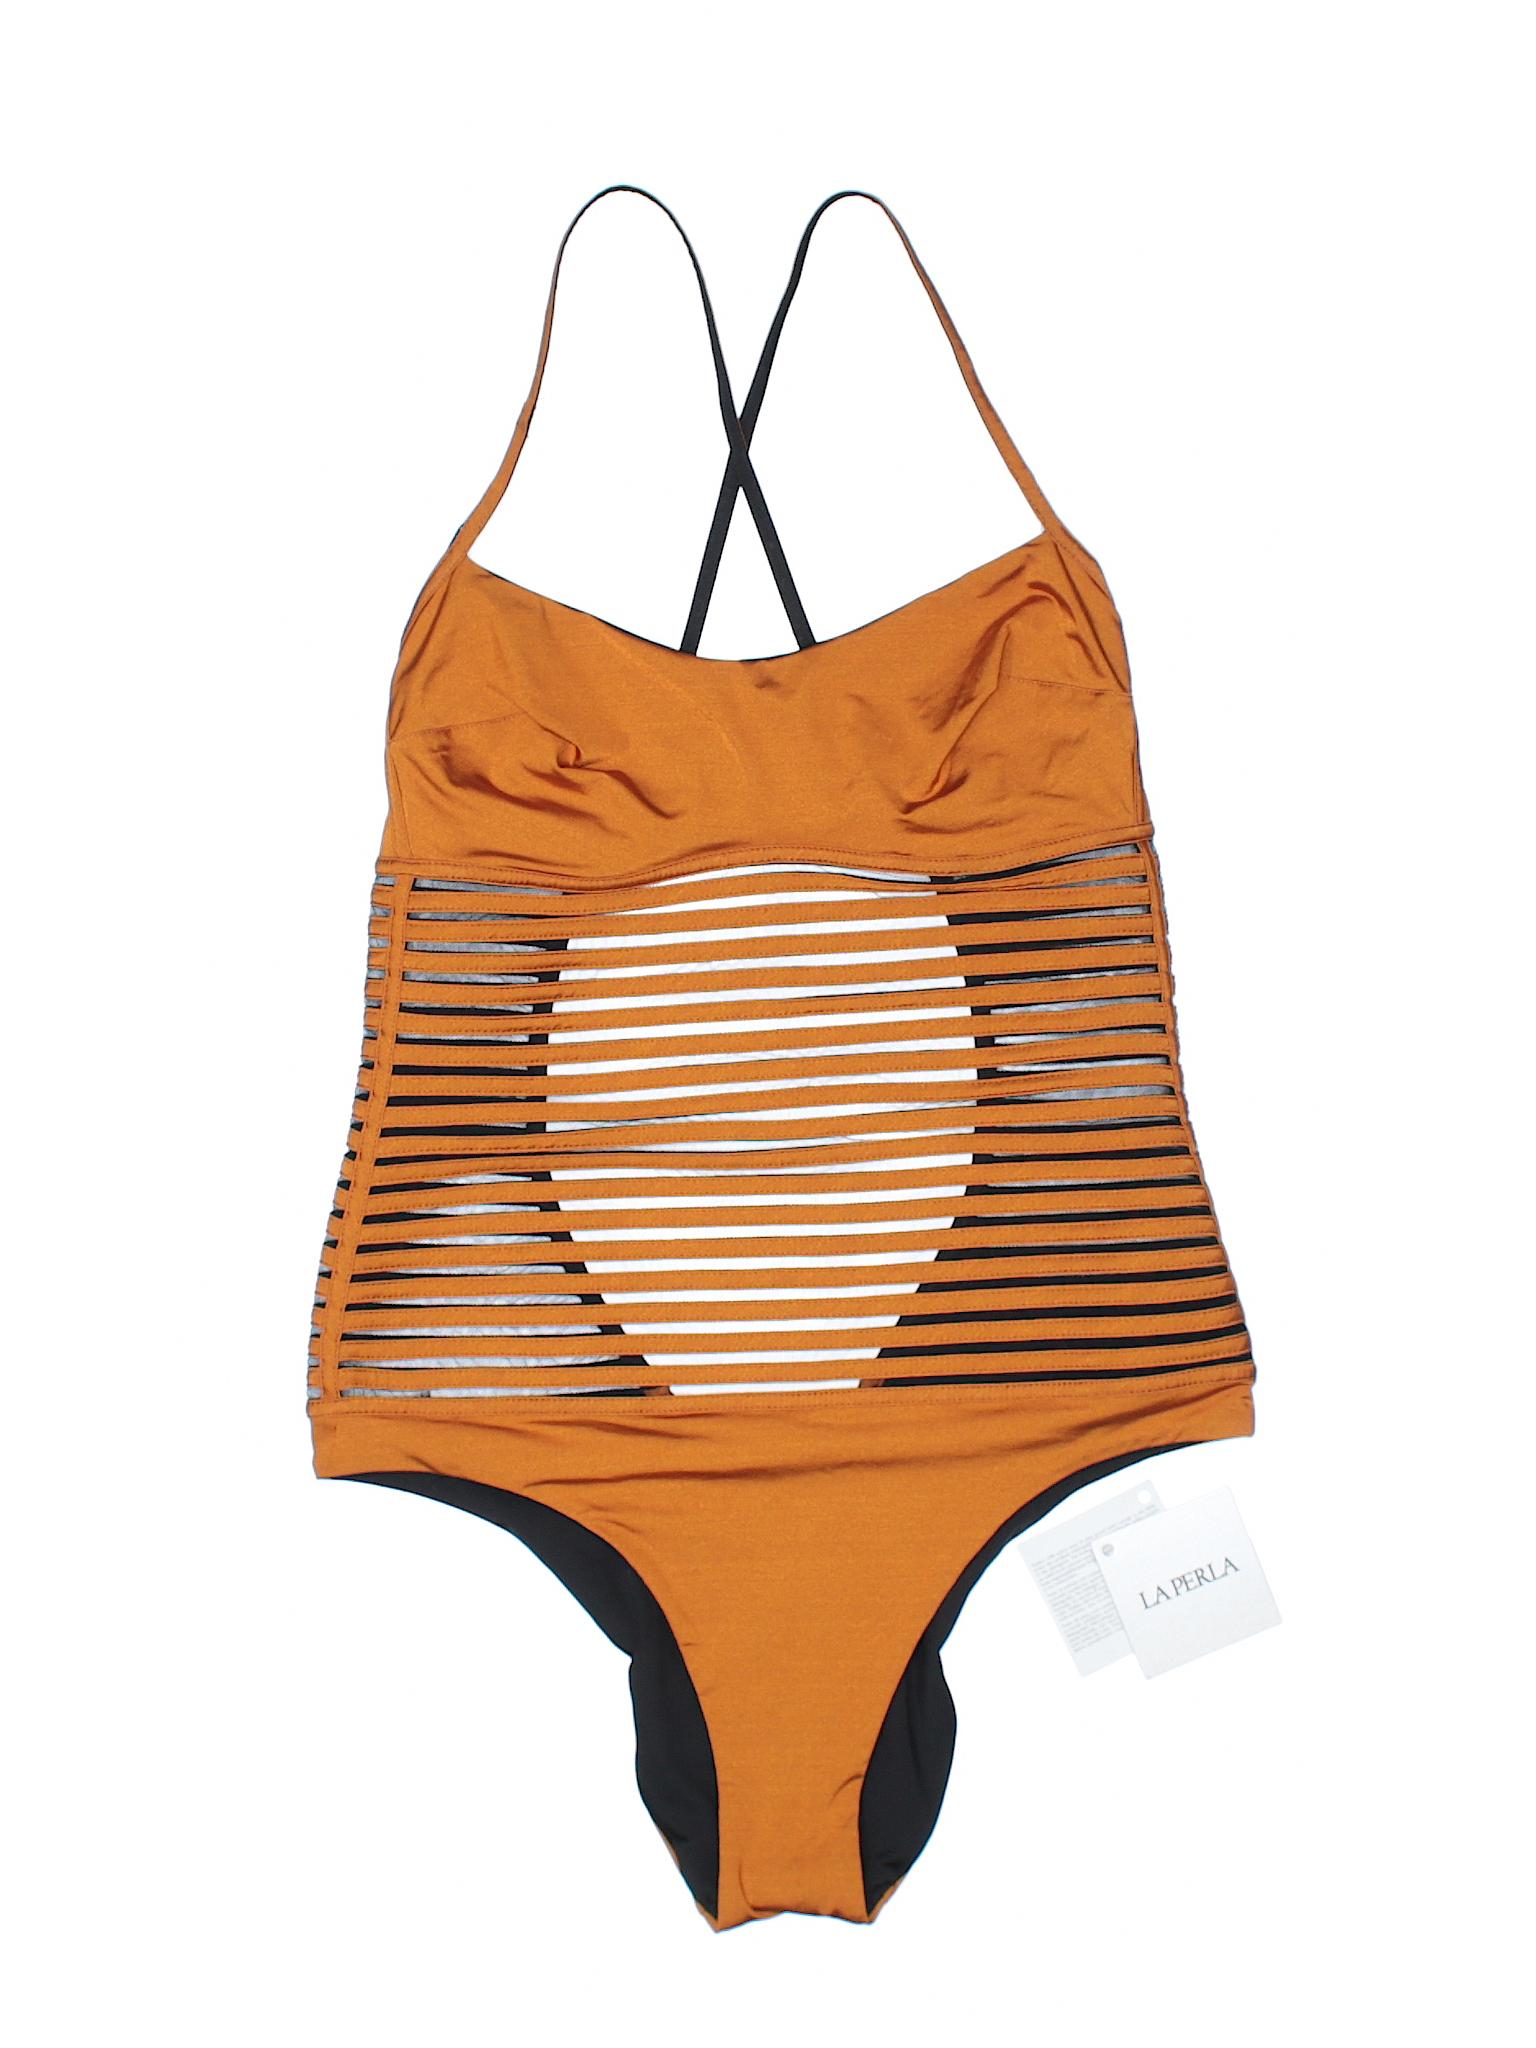 Perla Boutique Piece Swimsuit La One xTXnwqOY